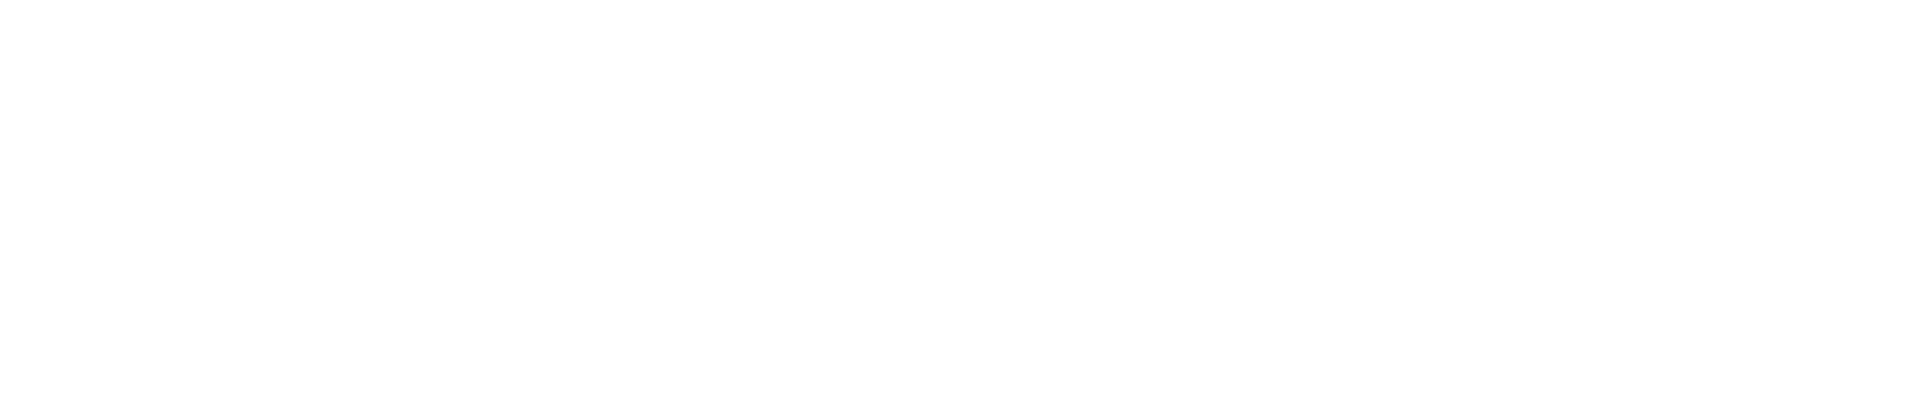 Logo_FAIRsFAIR_white.png